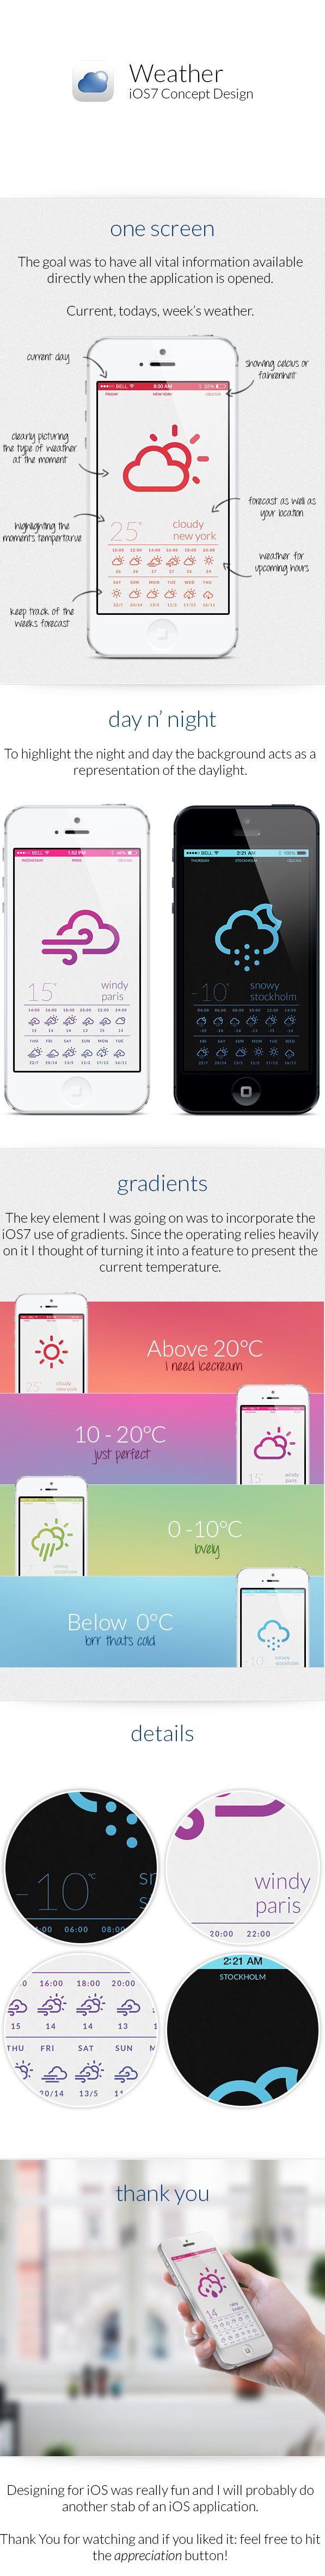 Weather iOS7 Concept Design by Markus Waltré, via Behance